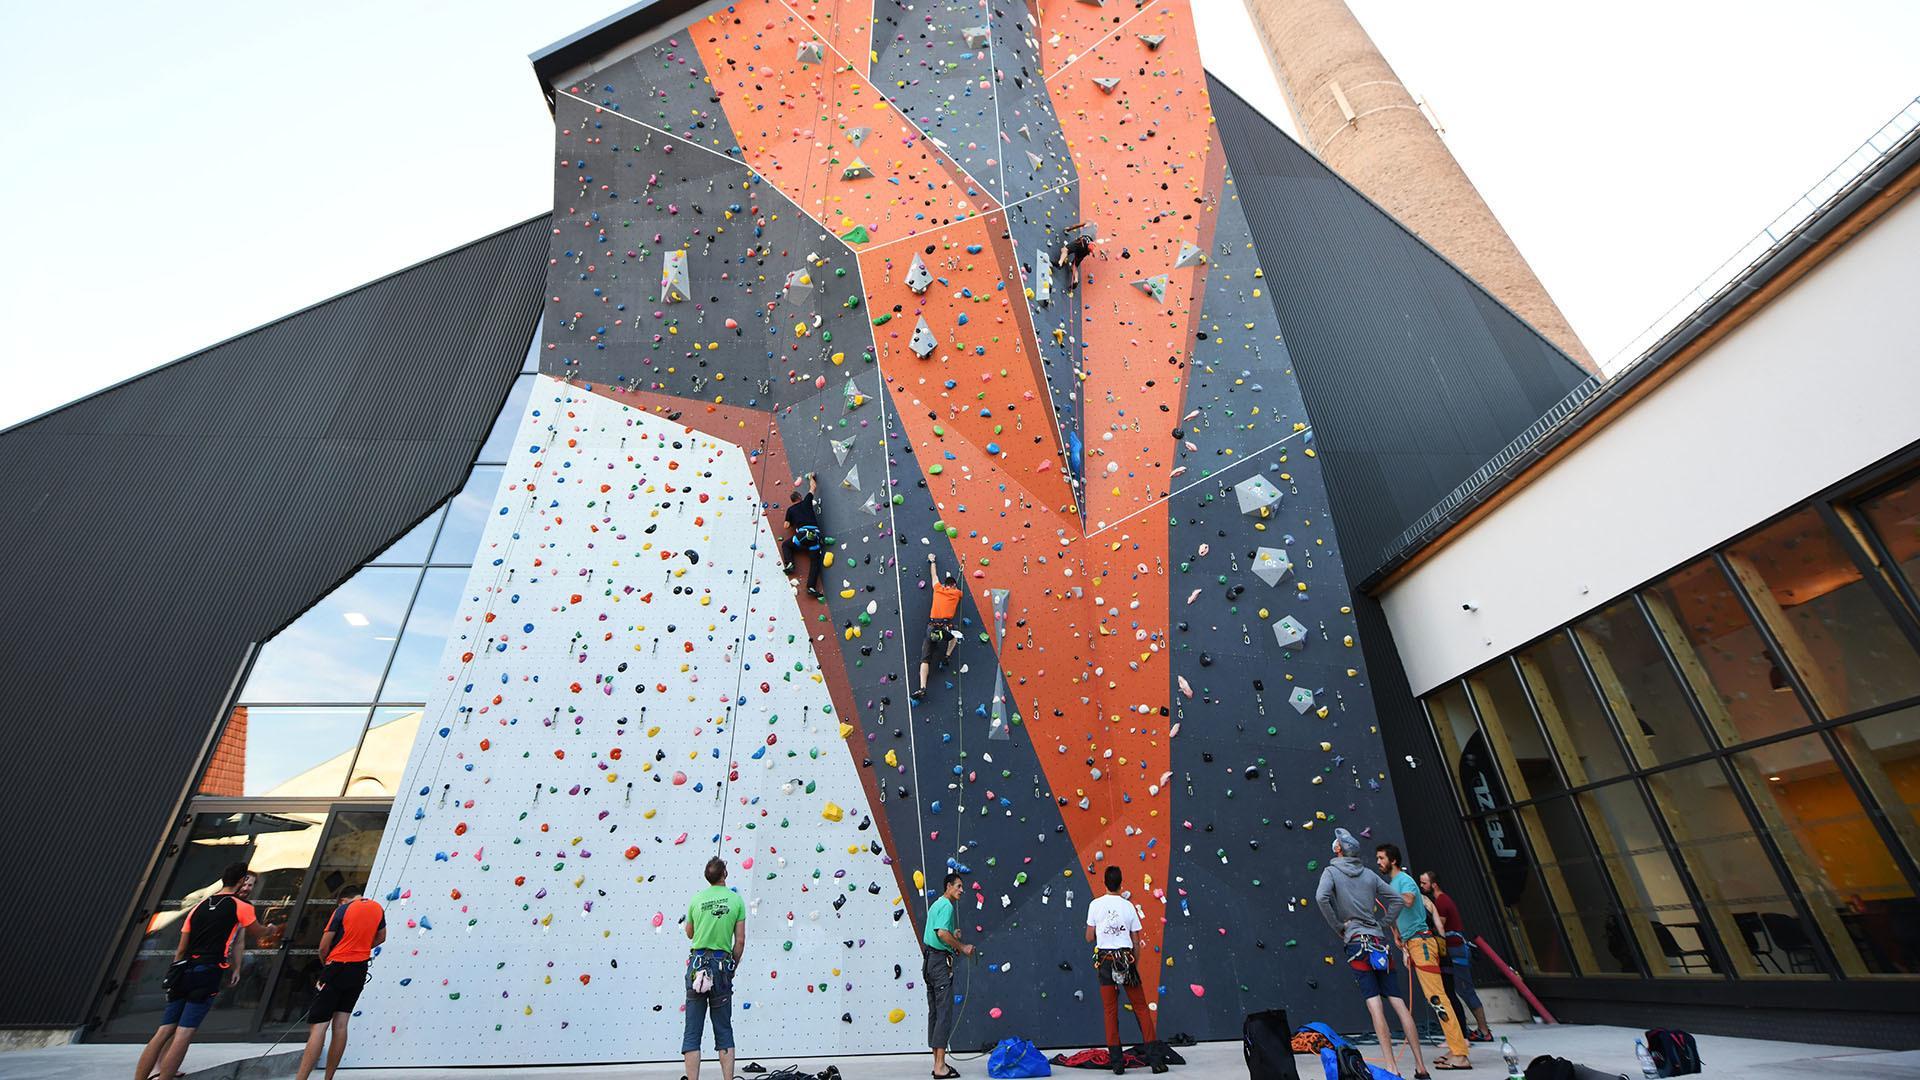 Climbing Mulhouse Center, on grimpe et on accroche : le mur extérieur de 25 mètres